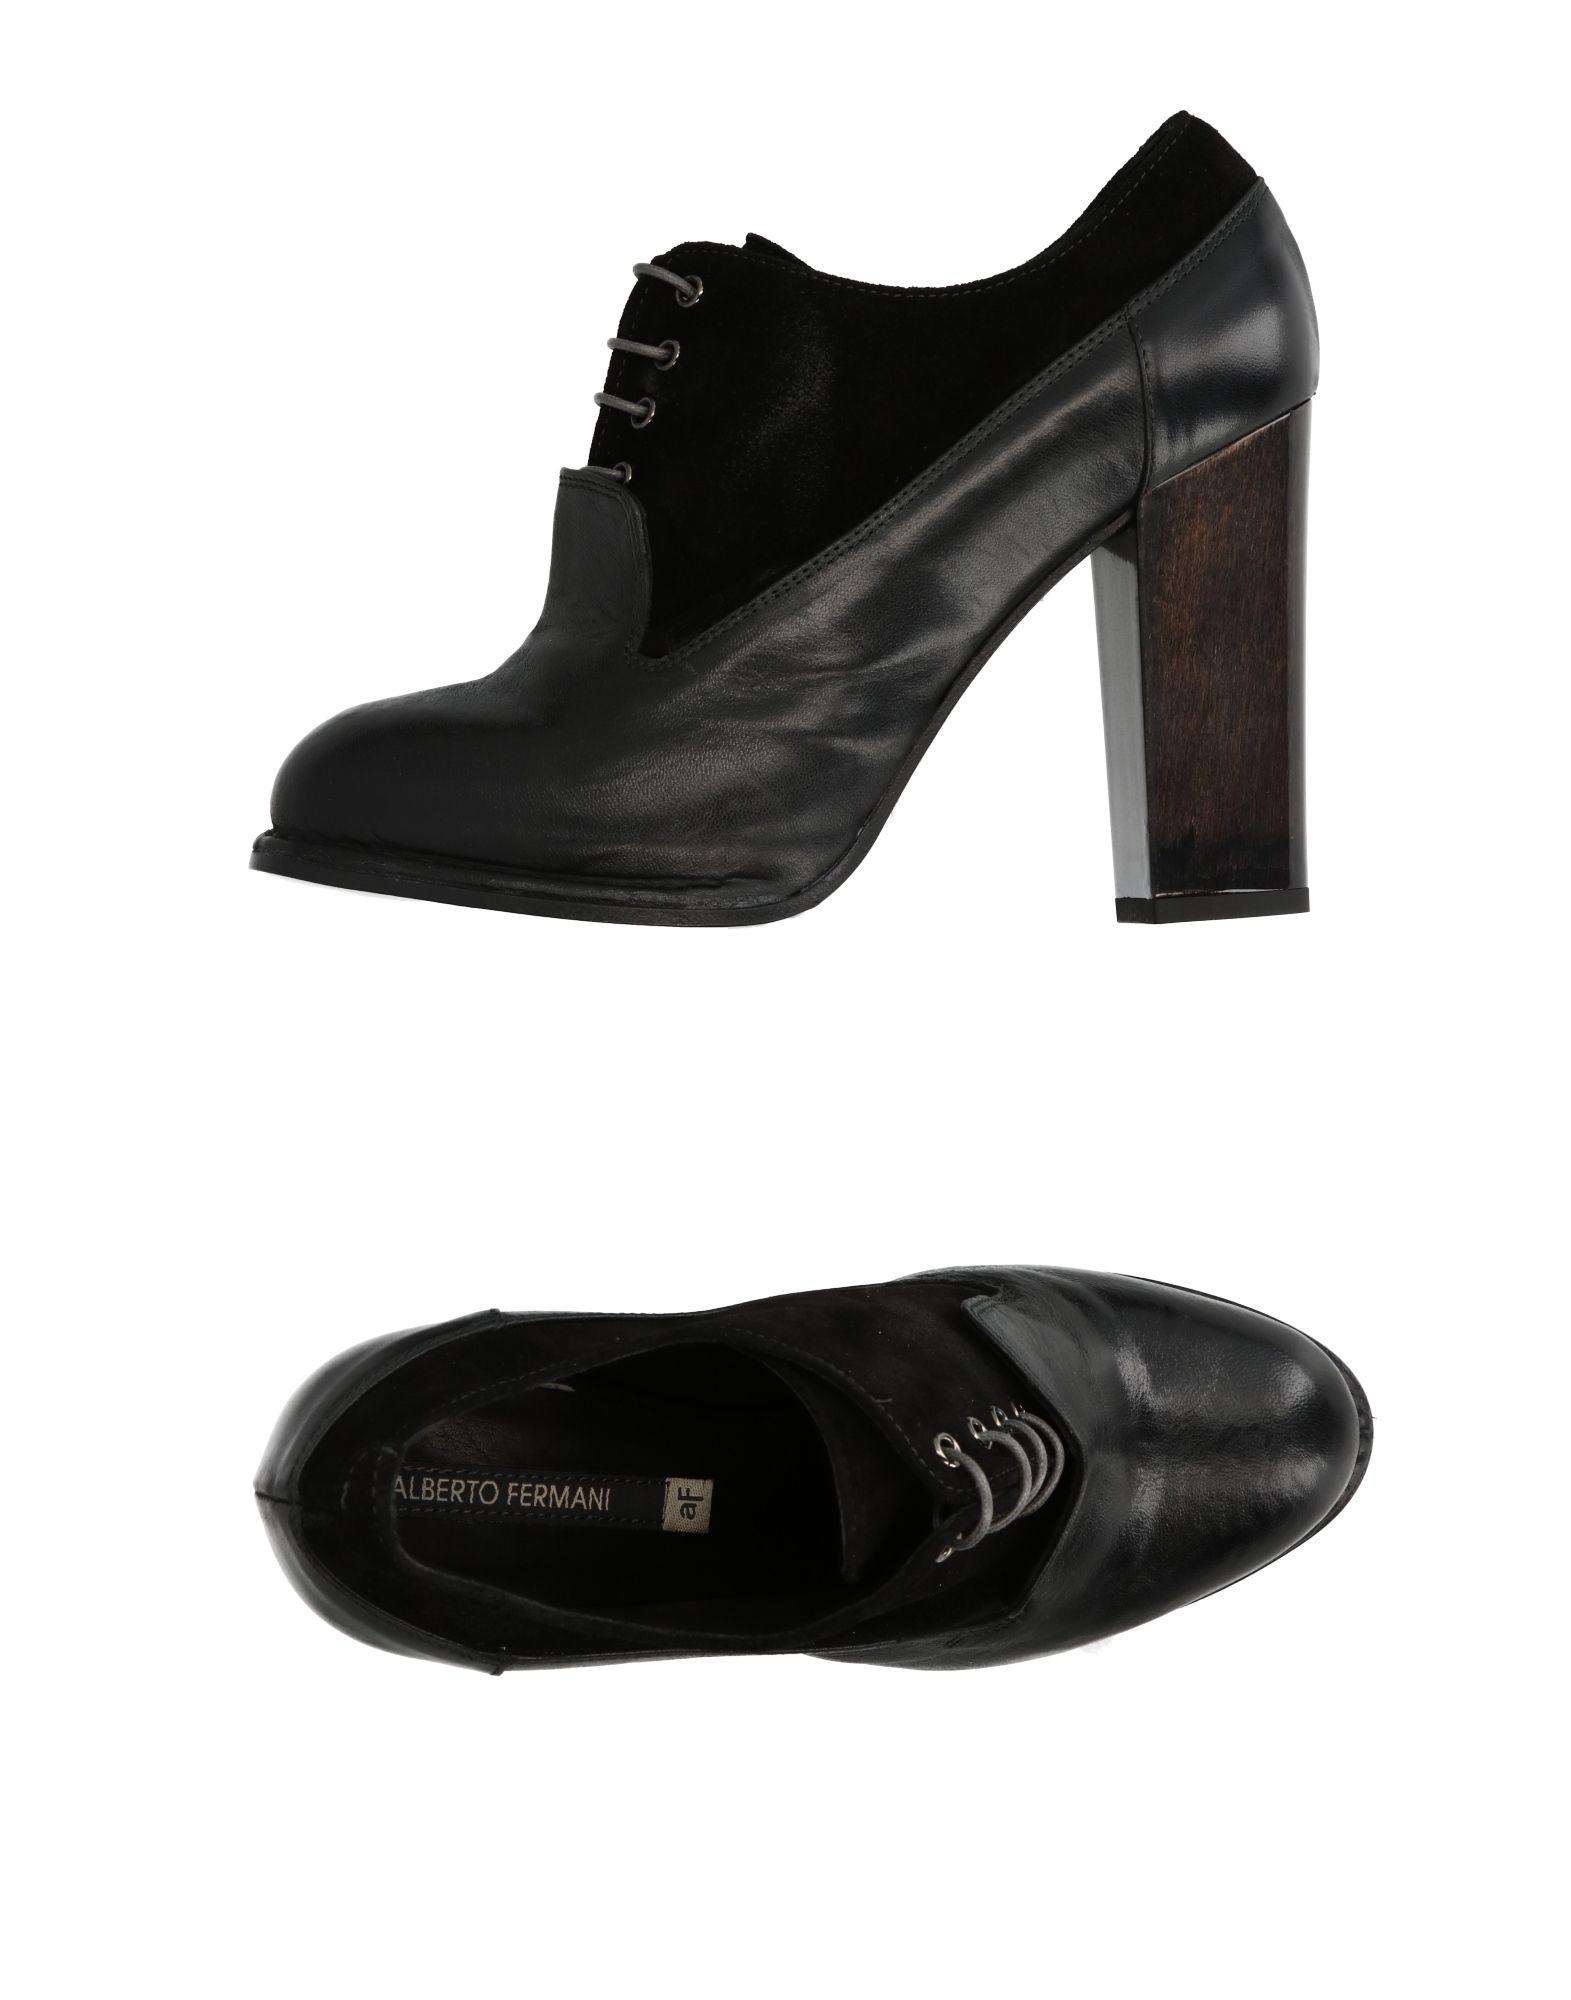 Alberto Fermani Schnürschuhe Damen  11294388MJ Gute Qualität beliebte Schuhe